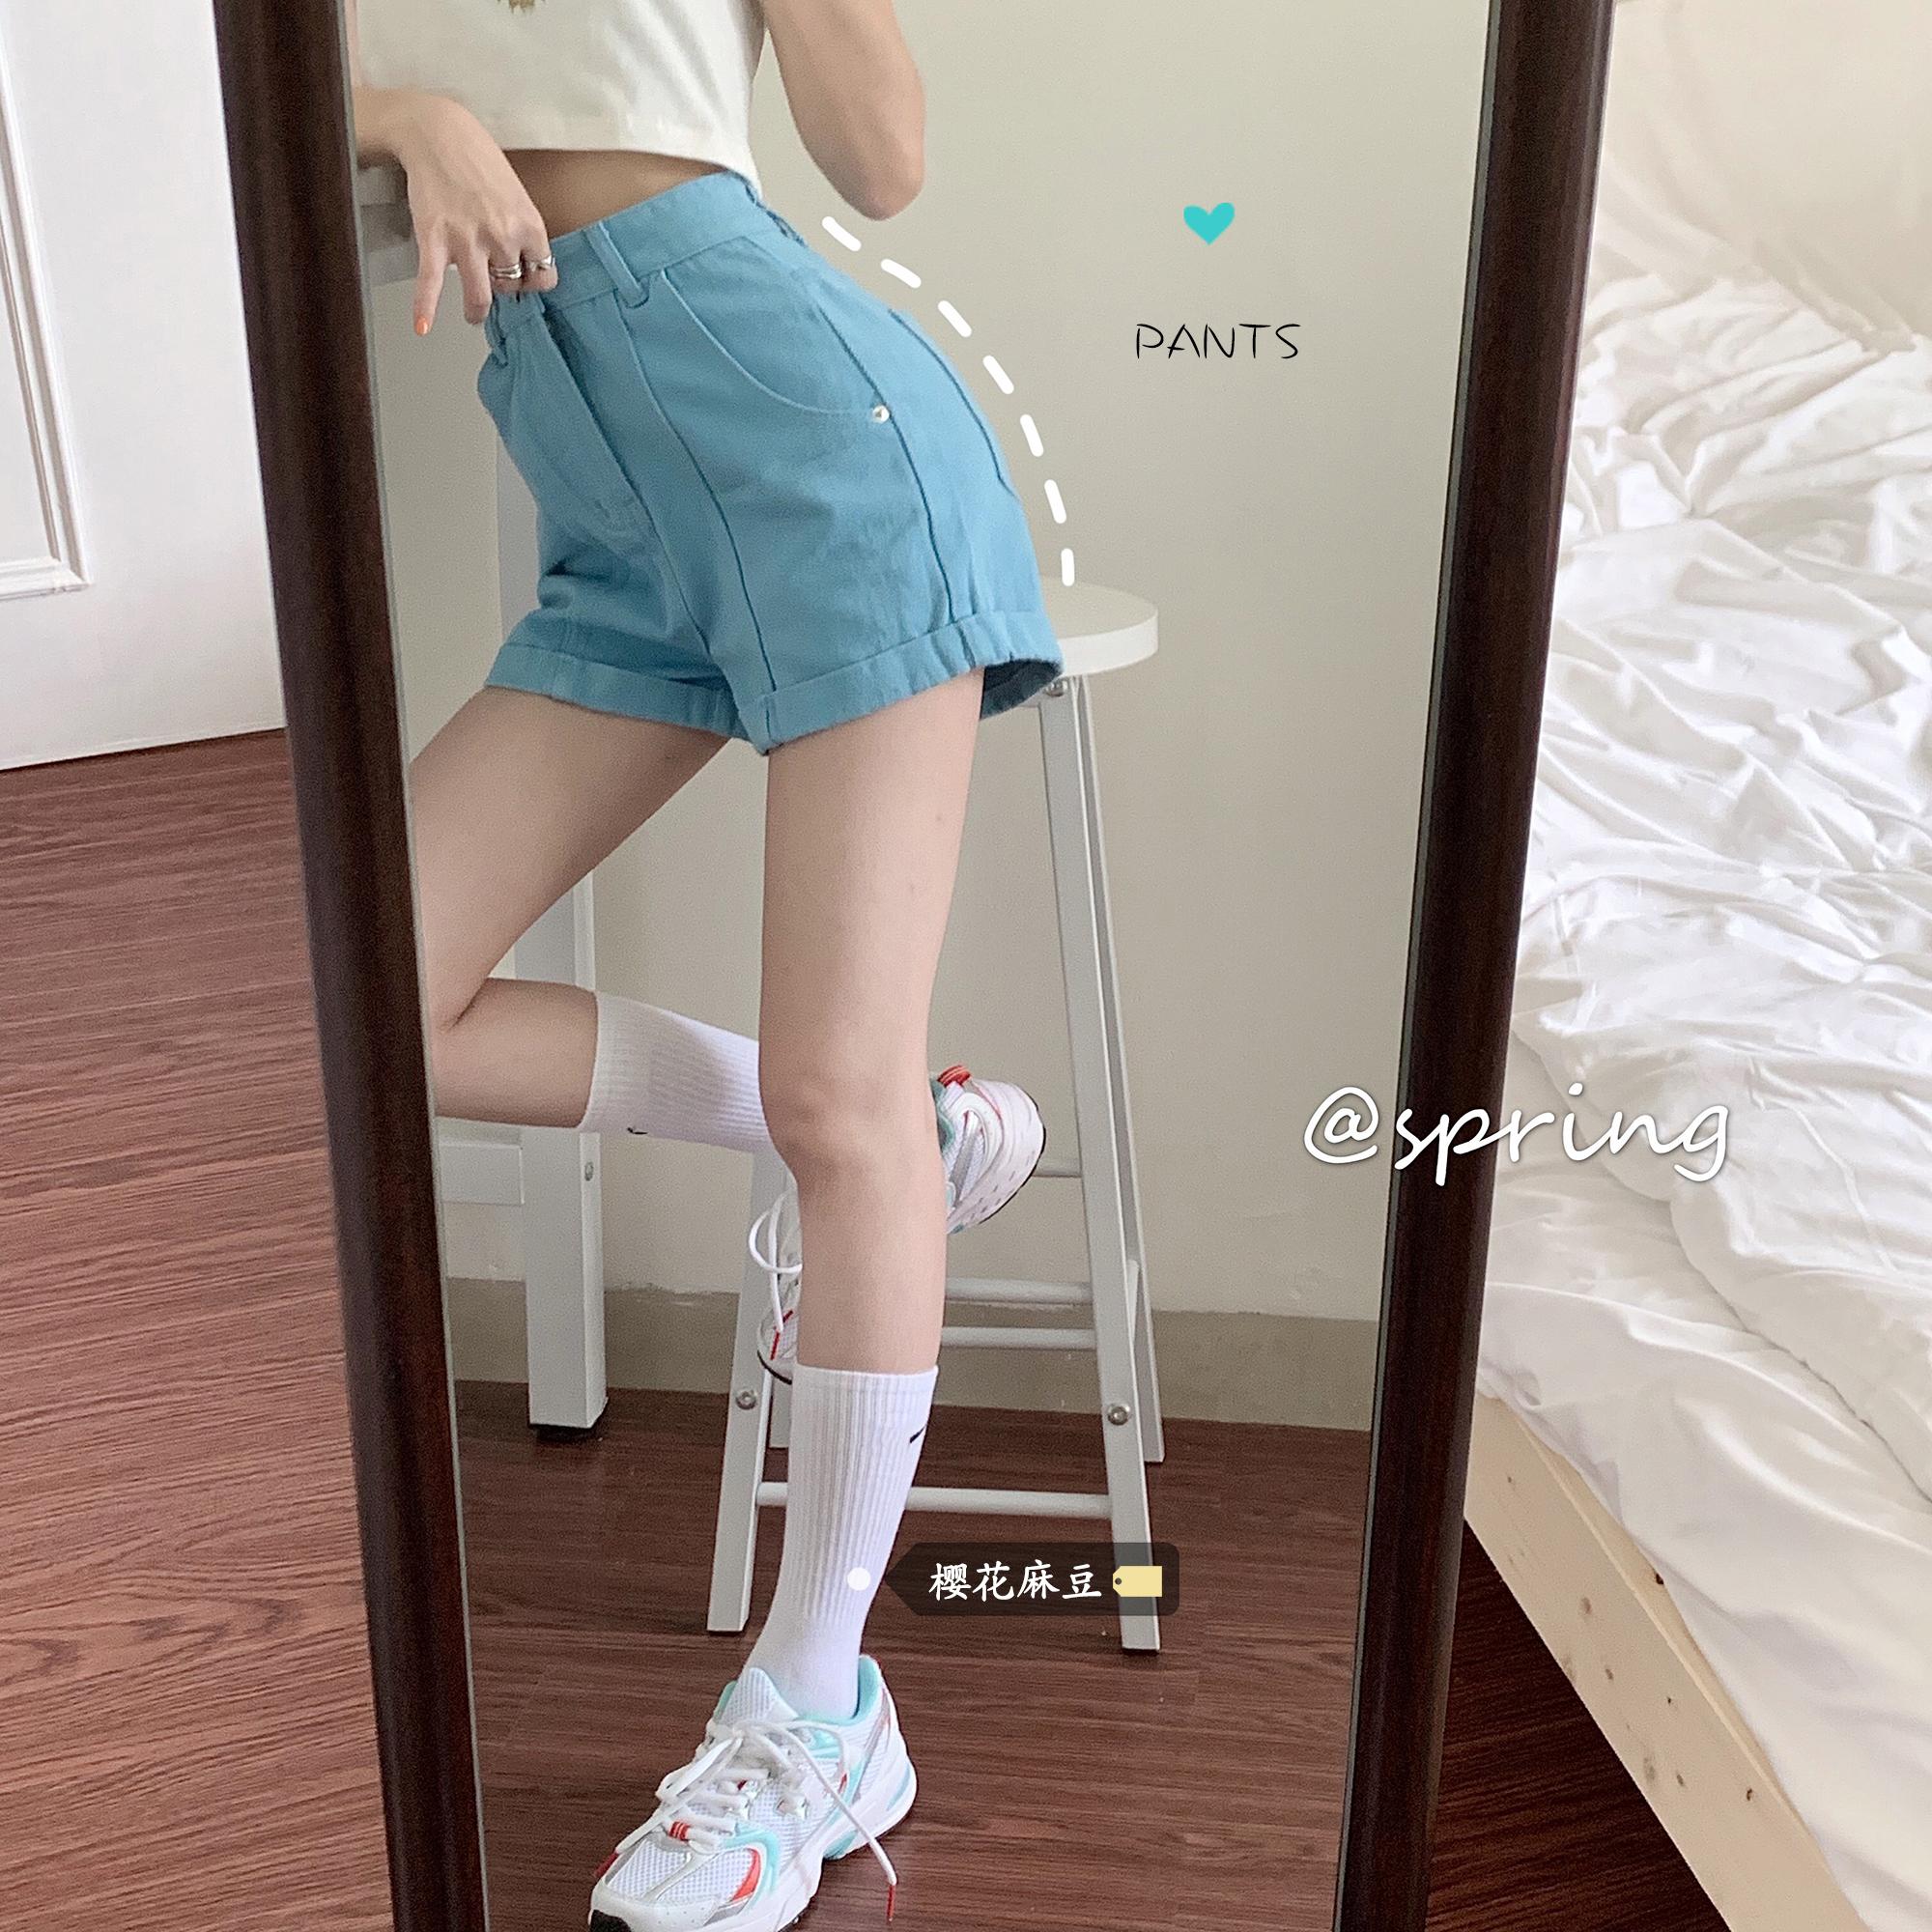 韩系穿搭适合什么人:韩系风格穿衣打扮